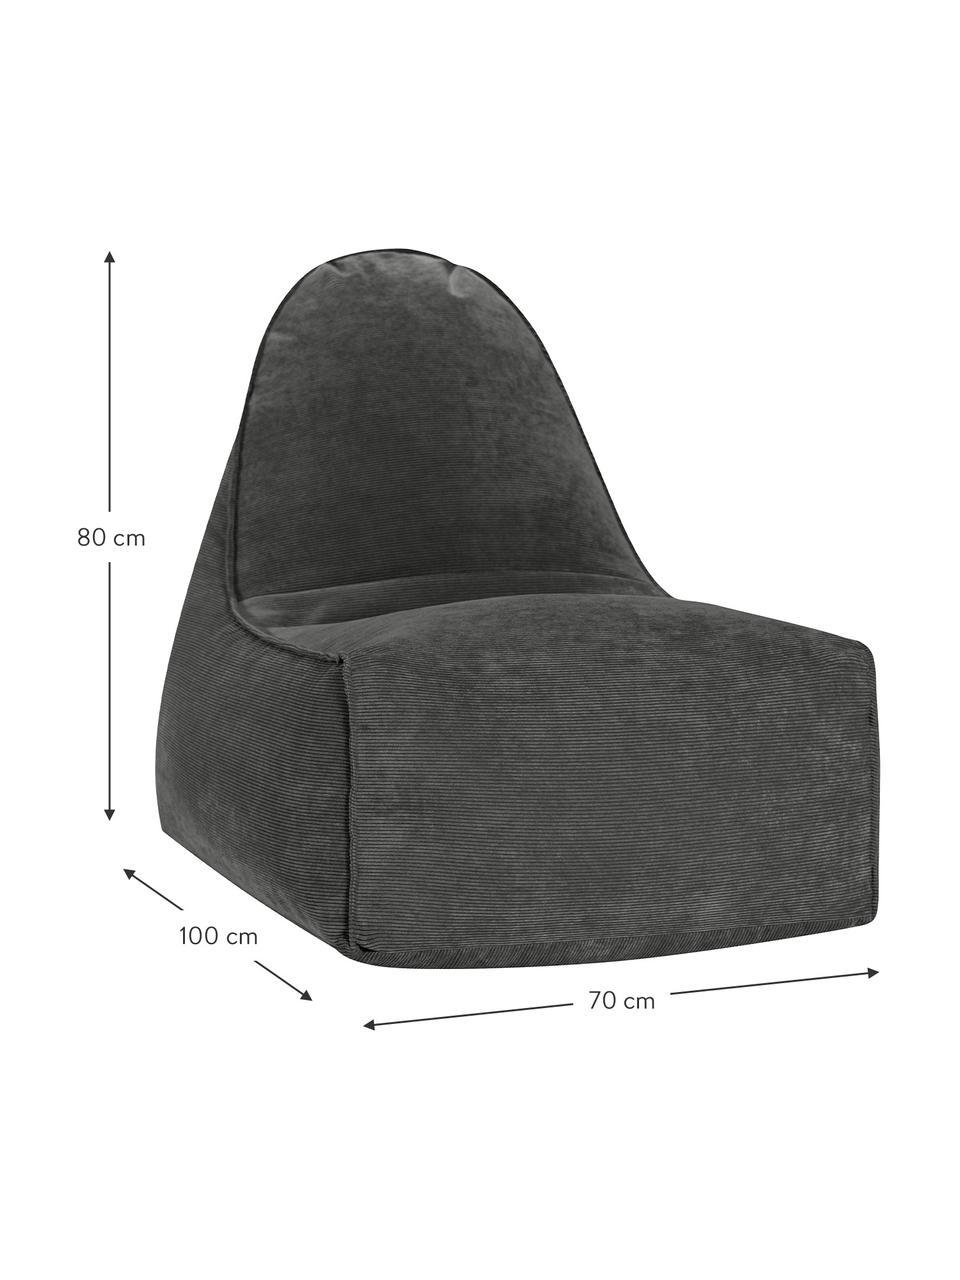 Pouf sacco in velluto a coste Cordone, Rivestimento: velluto a coste (96% poli, Manico: poliestere (similpelle), Antracite, Larg. 70 x Alt. 80 cm